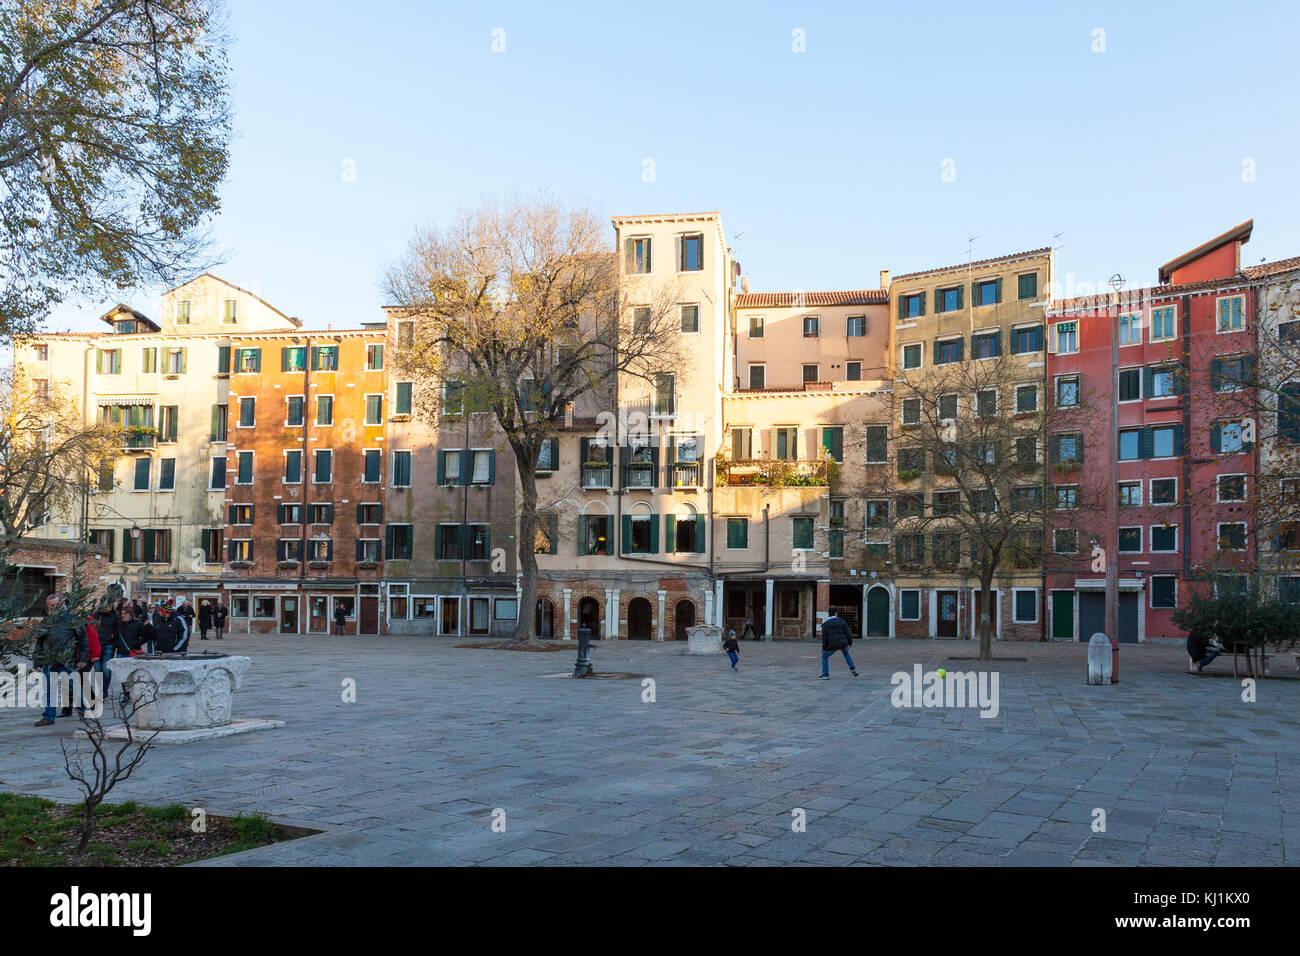 El gueto judío, Campo de Ghetto Novo, al anochecer, Venecia, Véneto, Italia withits típicos edificios altos debido Foto de stock